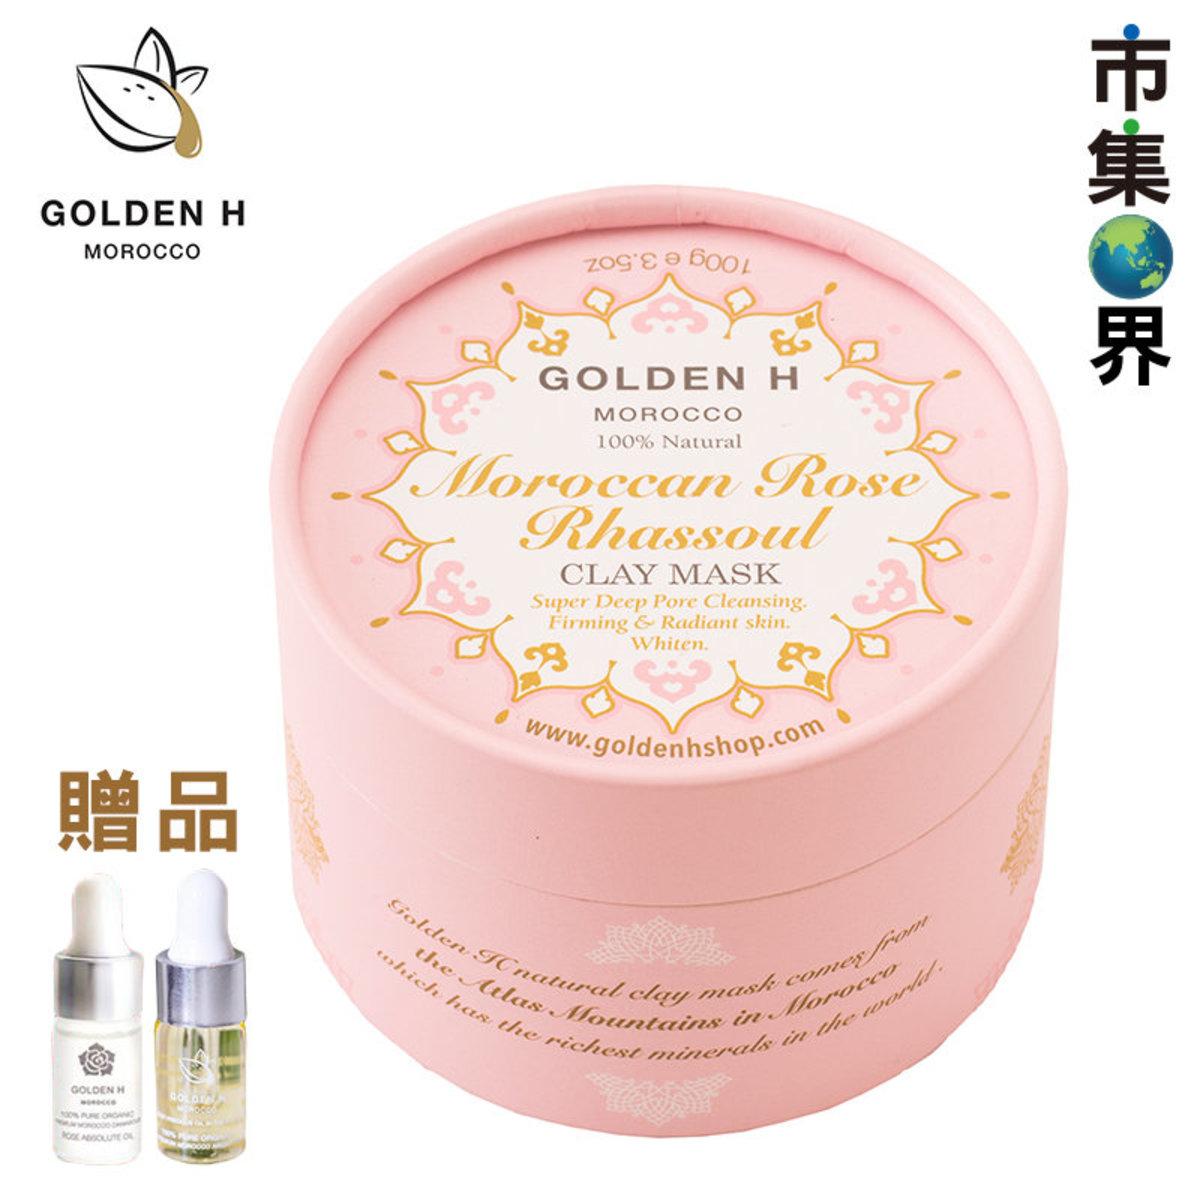 Golden H 摩洛哥玫瑰精華礦物岩泥淨膚面膜100g 【市集世界】